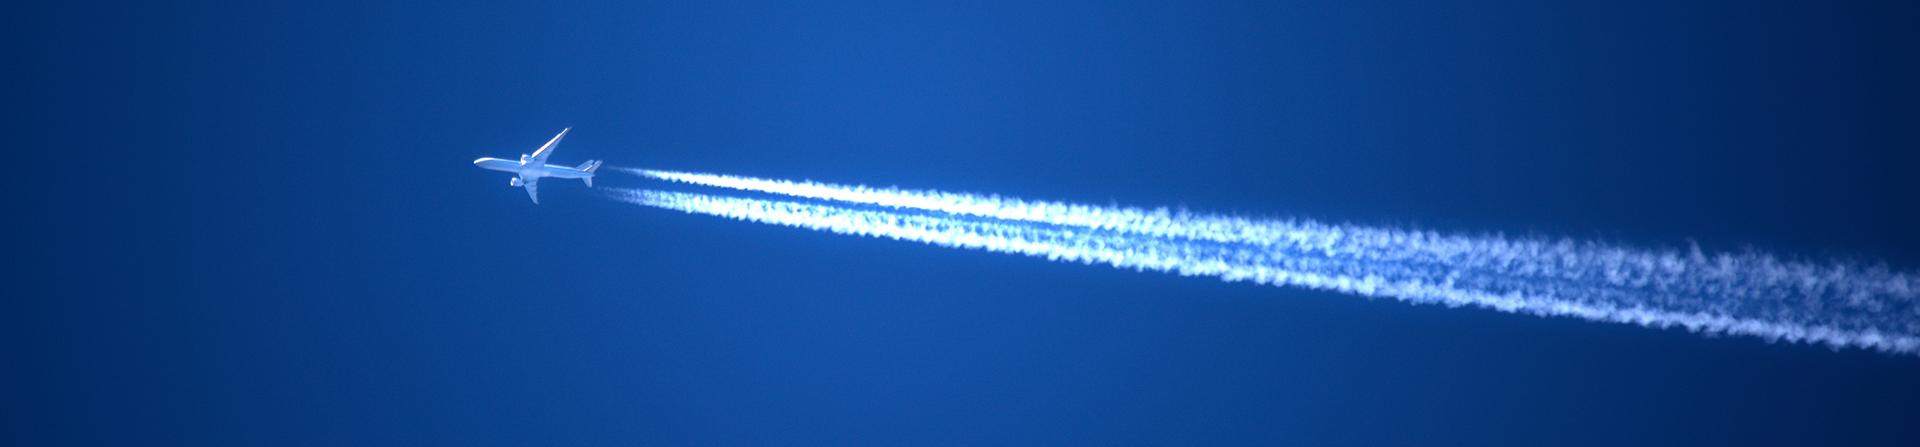 BA_ESL-LLM Aviation_2020.jpg